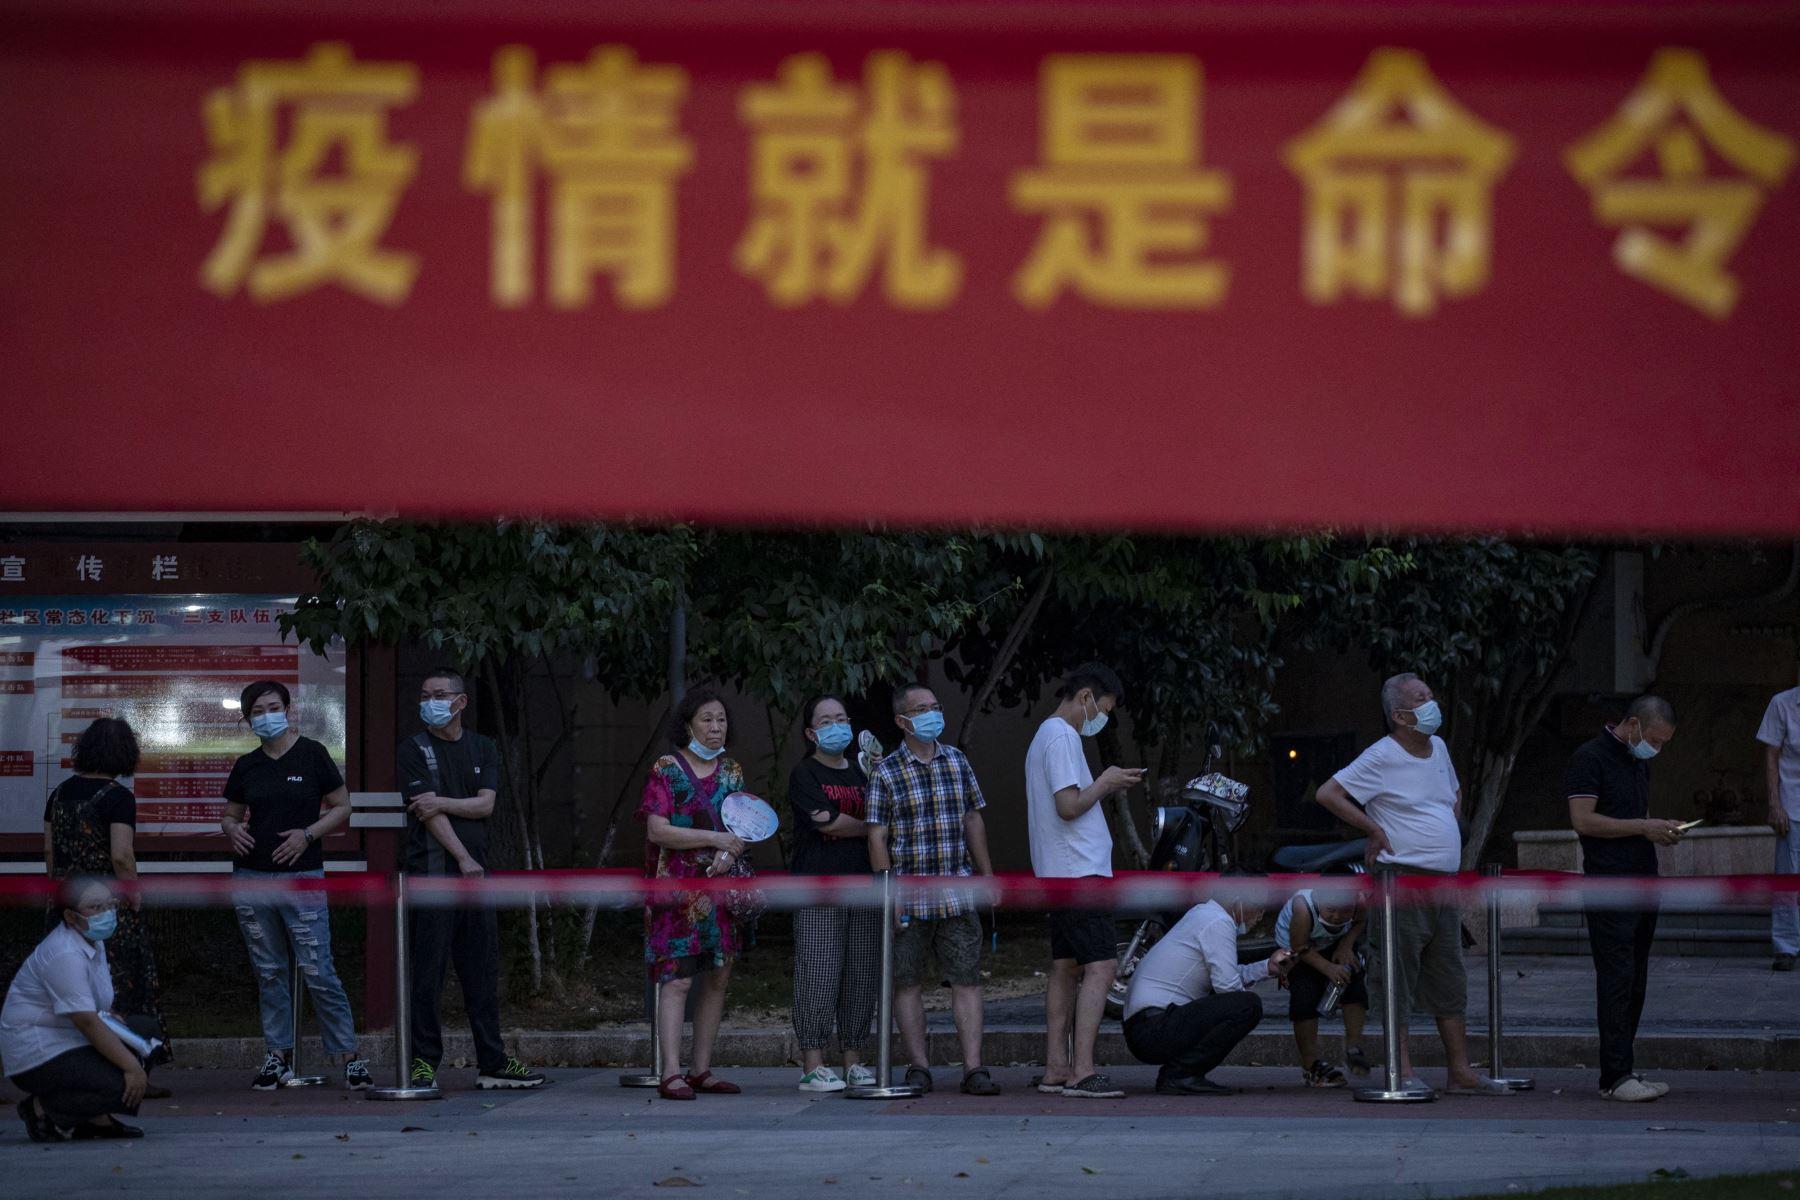 Muestra a los residentes haciendo cola para realizar la prueba del coronavirus en Wuhan, en la provincia central china de Hubei. Foto: AFP